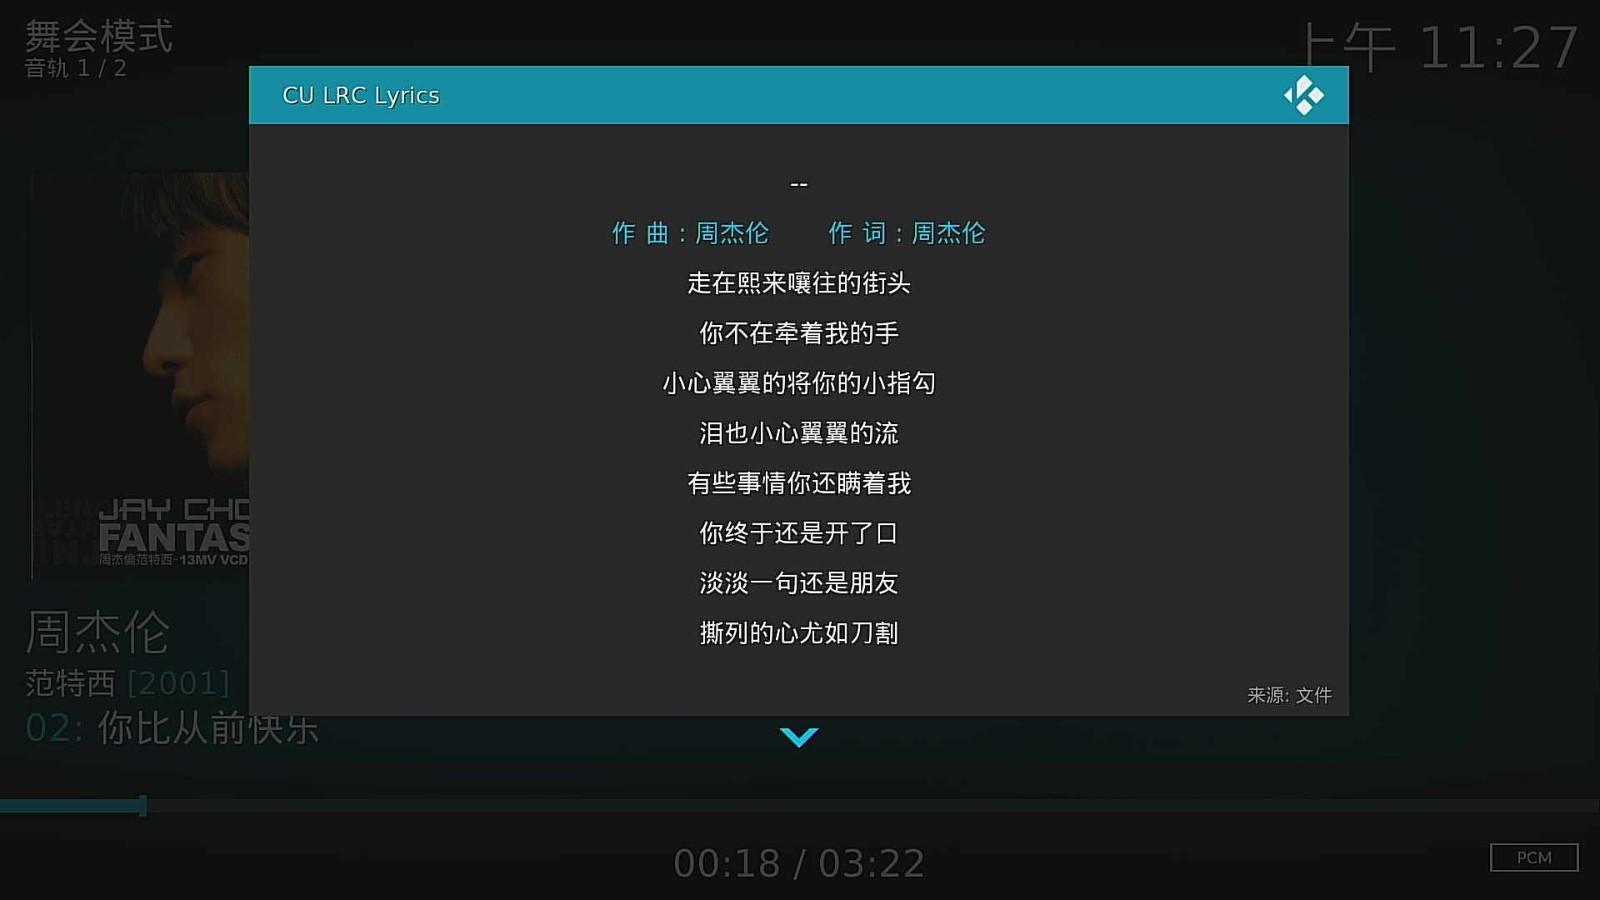 Screenshot 2021-08-11 11-27-40.jpg